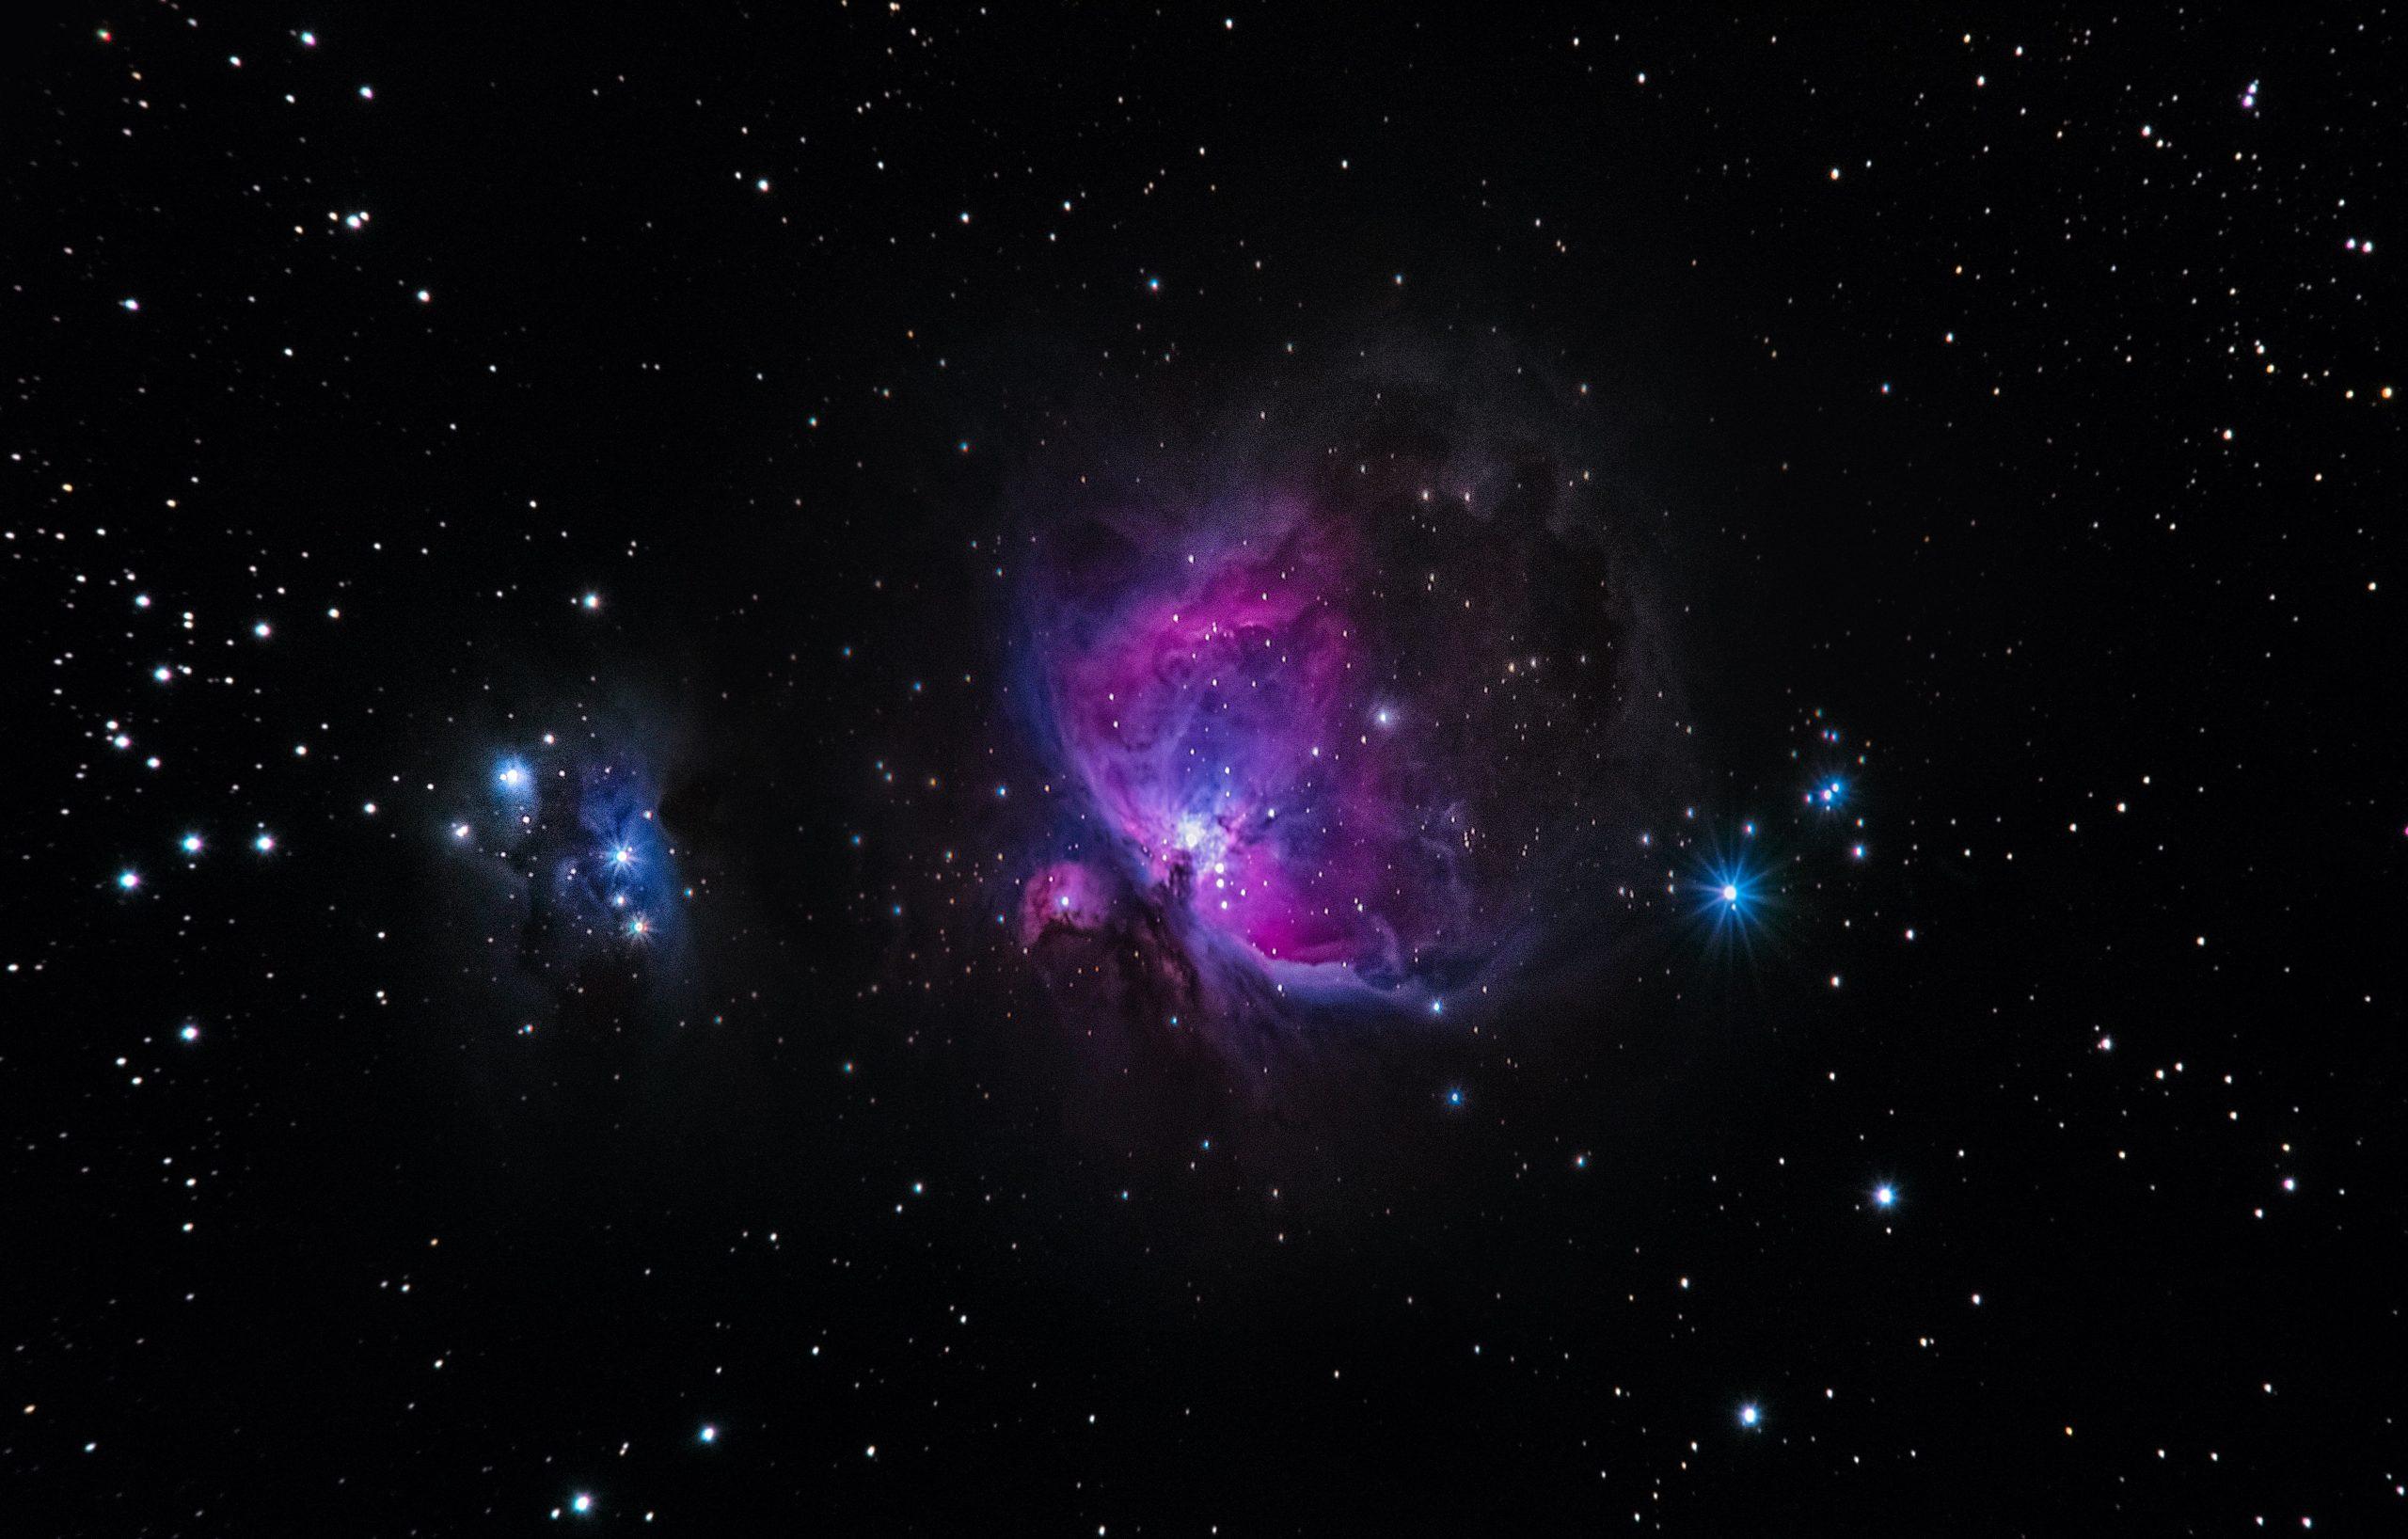 Ύπαρξη εξωγήινης νοημοσύνης στο γαλαξία μας